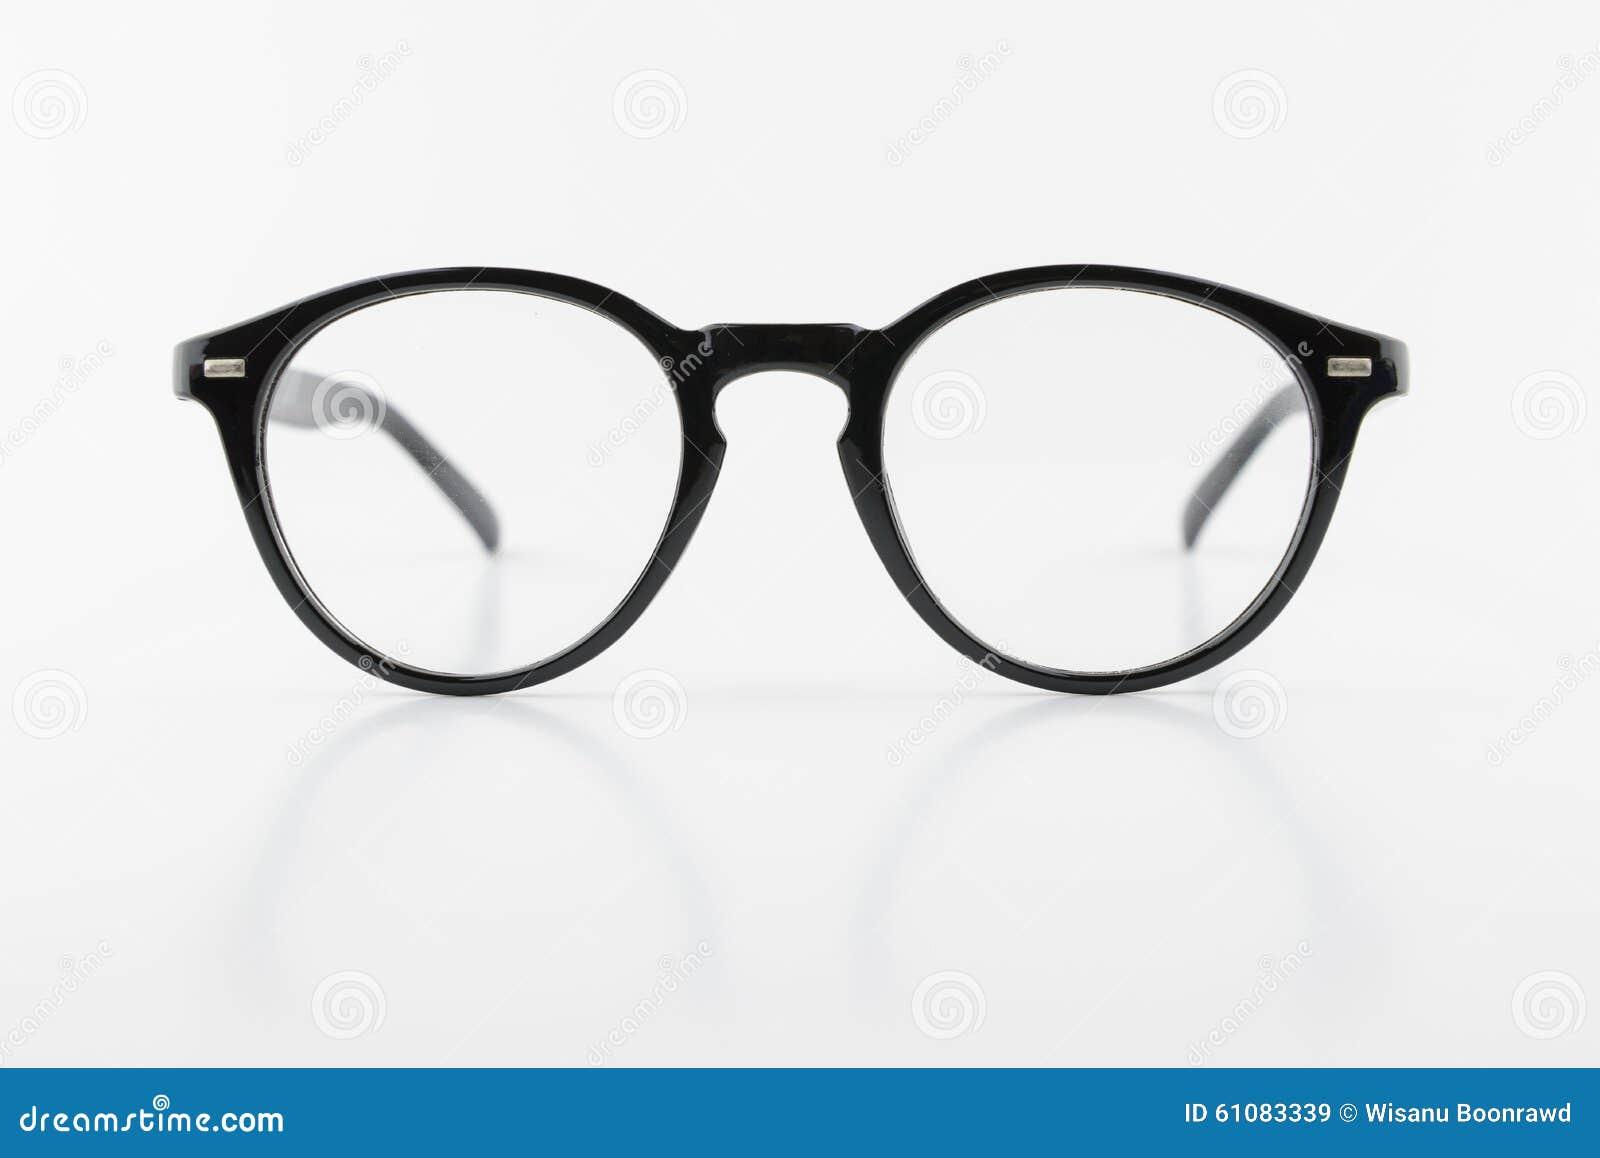 943c148e20 Les lunettes noires de forme ronde, style de vintage, ont isolé le dos de